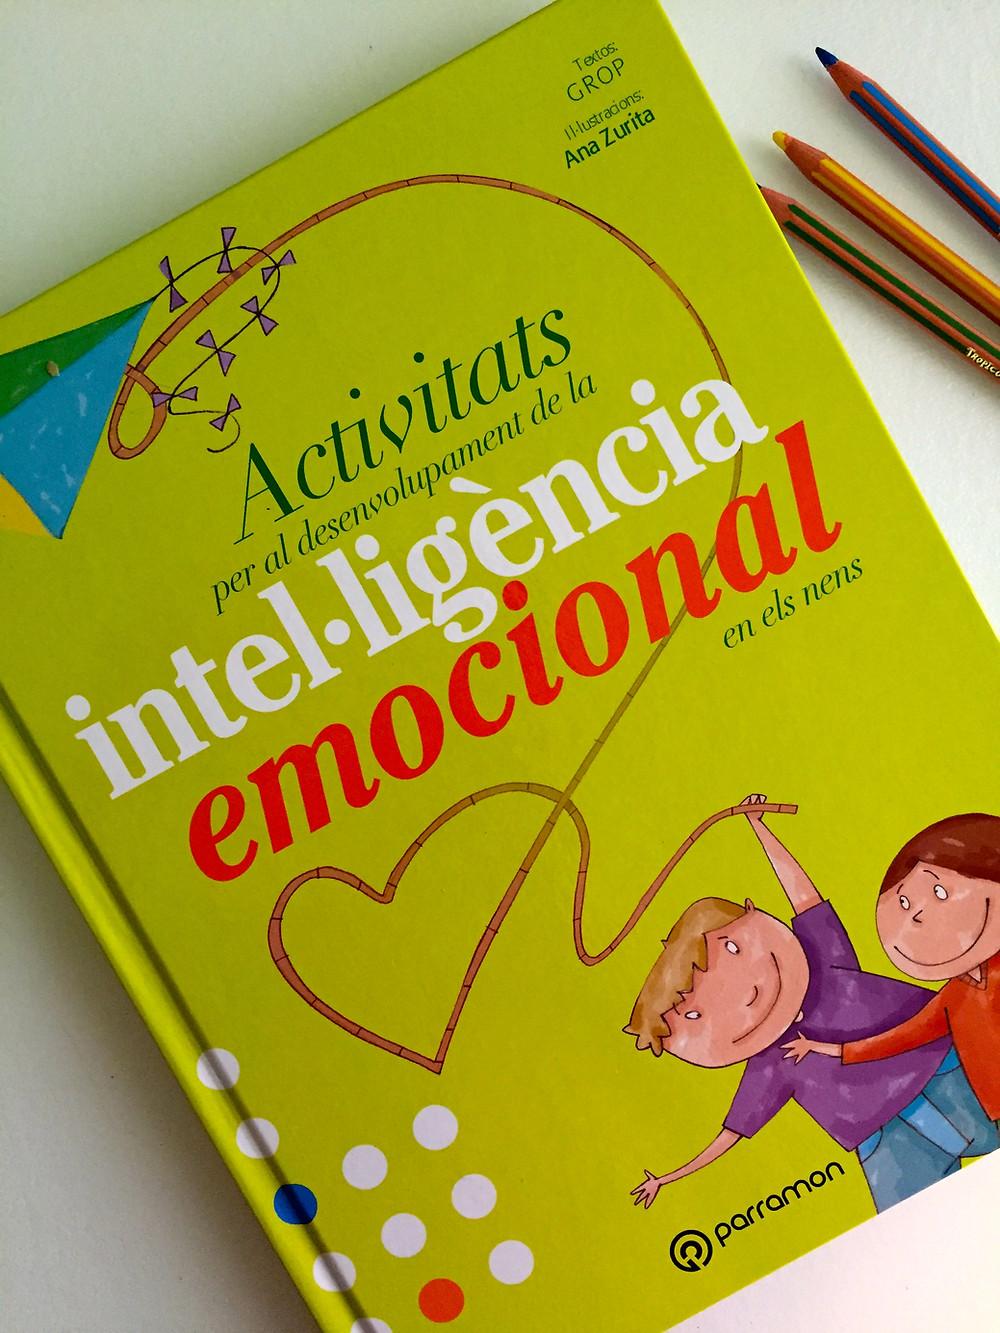 Activitats per al desenvolupament de la intel·ligència emocional en els nens. Ed: Parramon